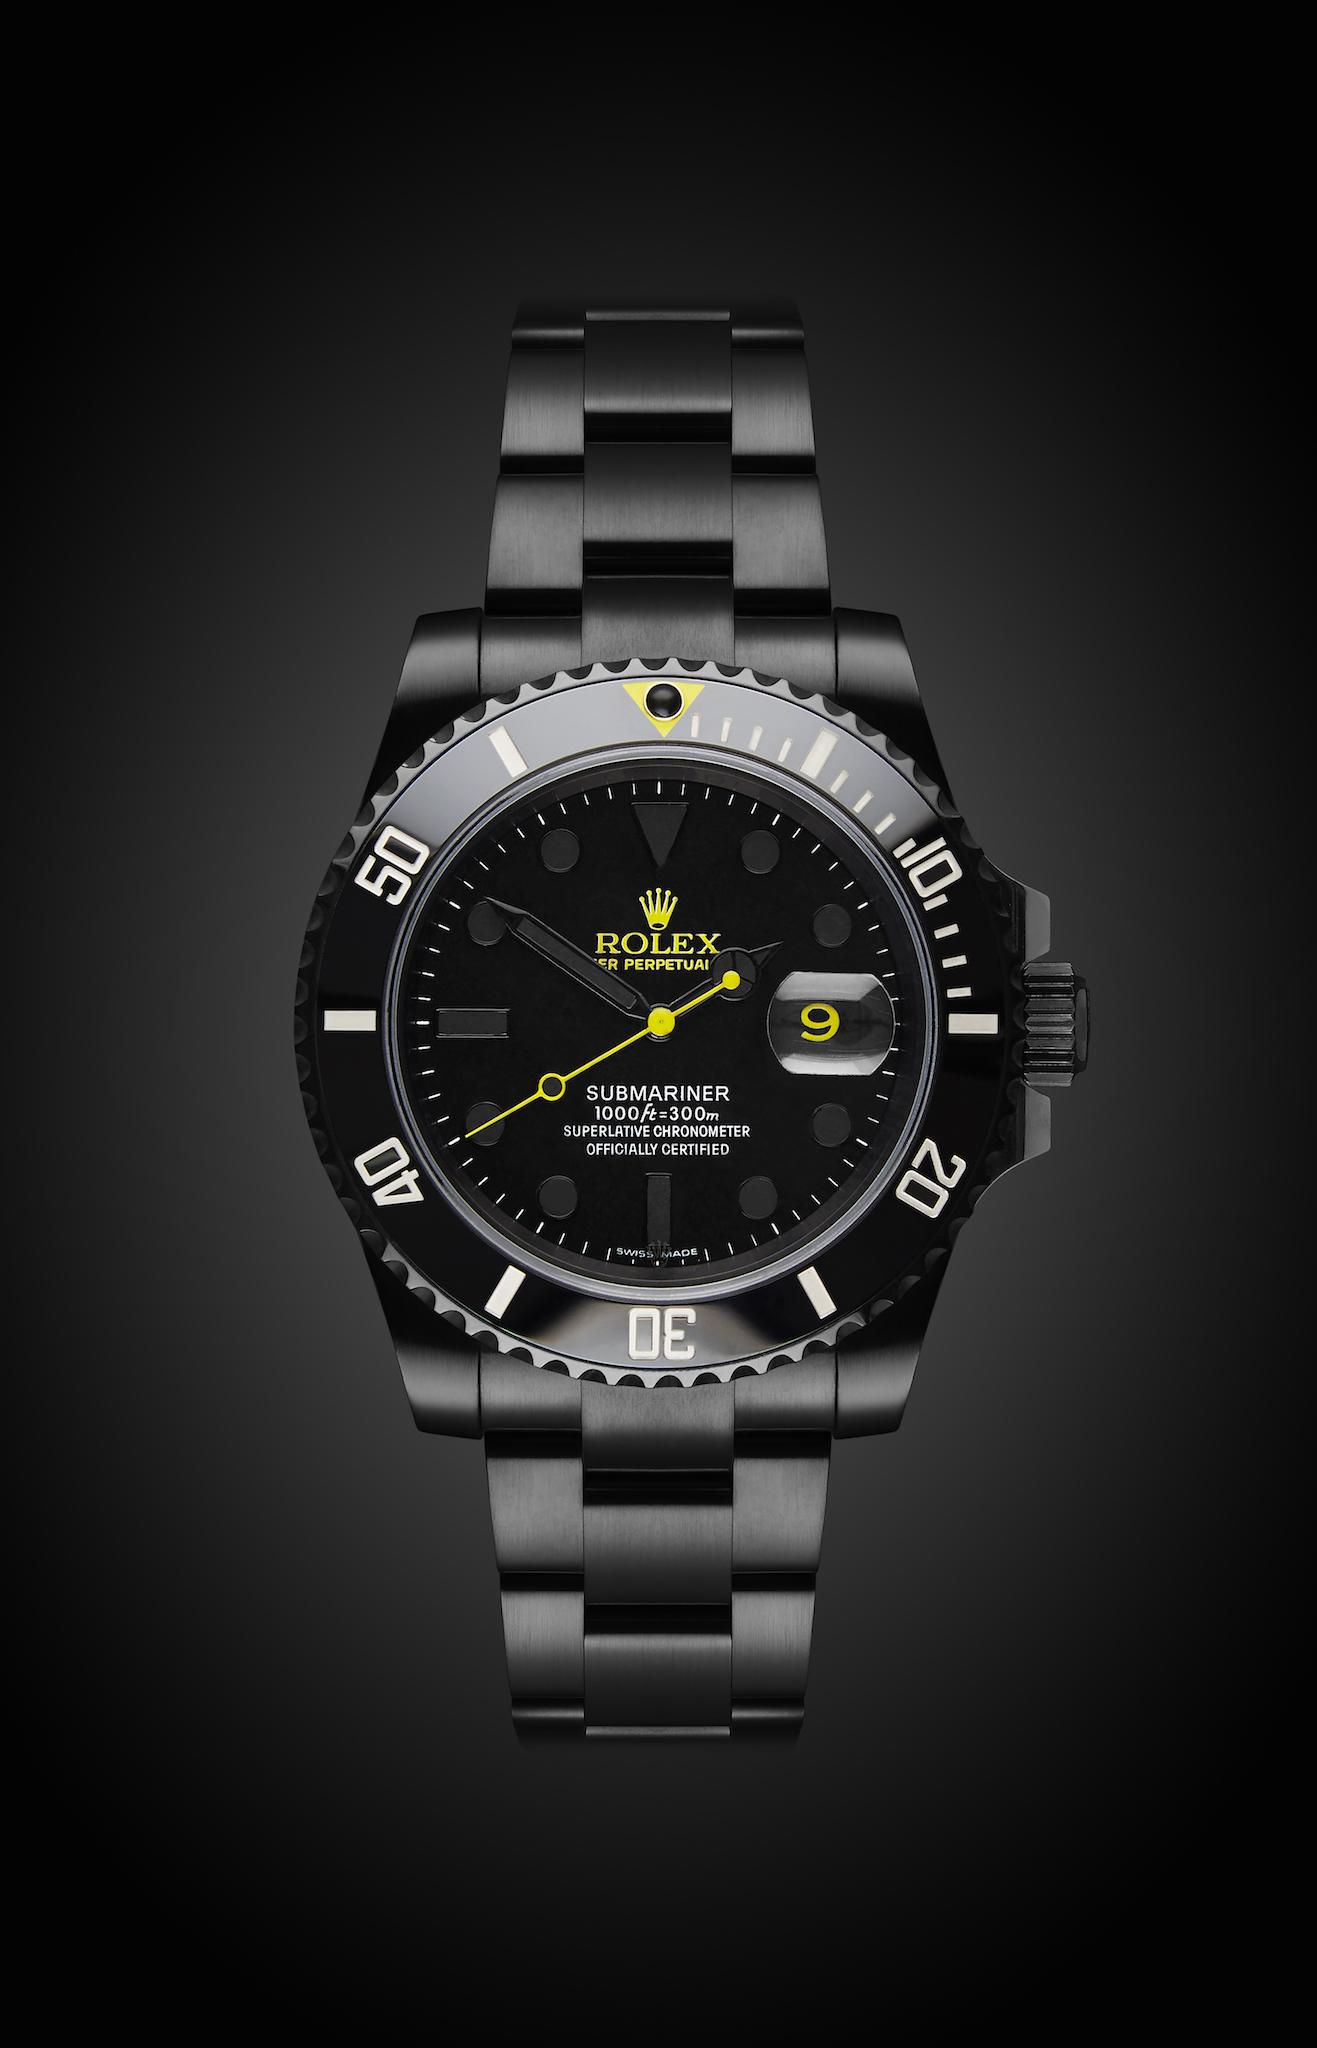 Rolex Submariner Date Halo Titan Black